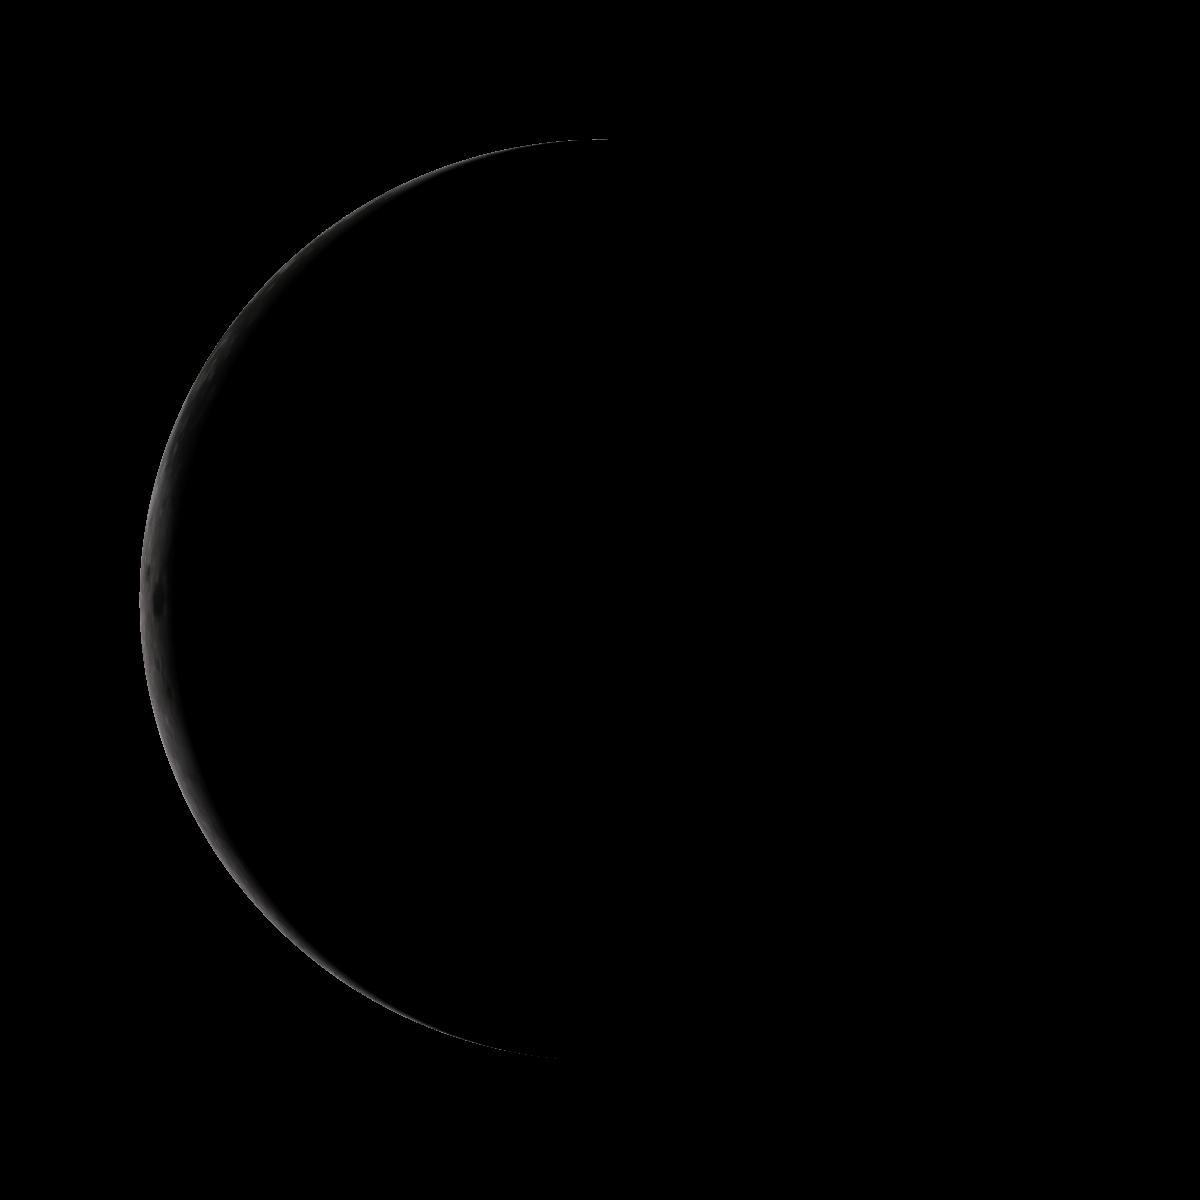 Lune du 23 janvier 2020